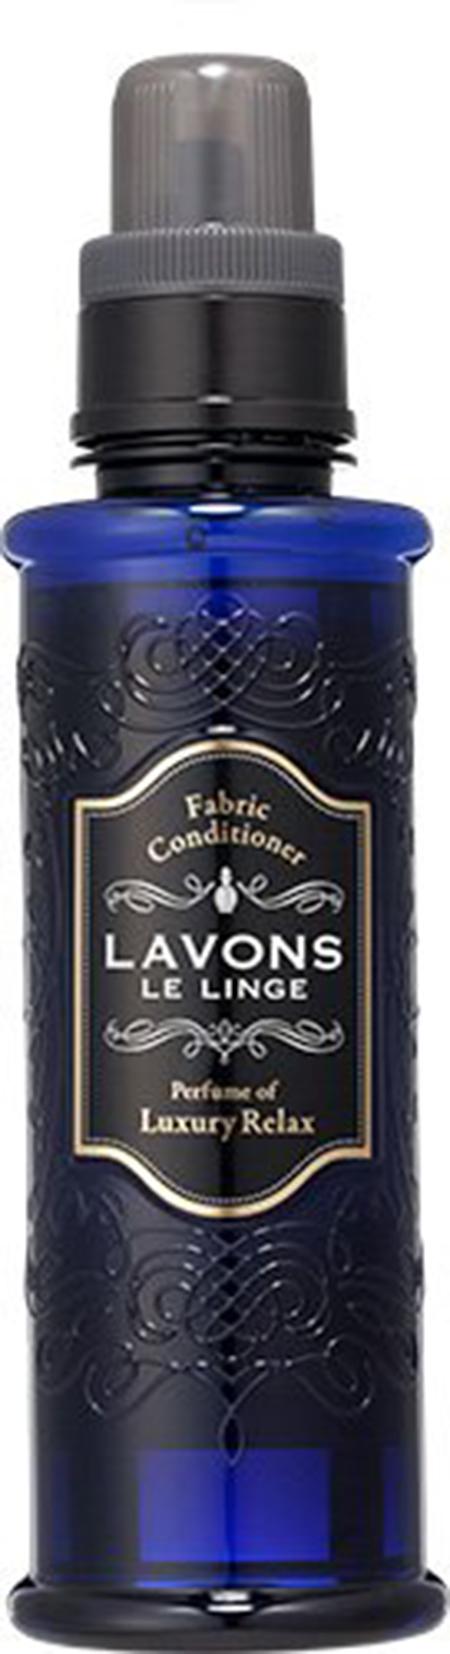 LAVON/ラグジュアリー リラックス